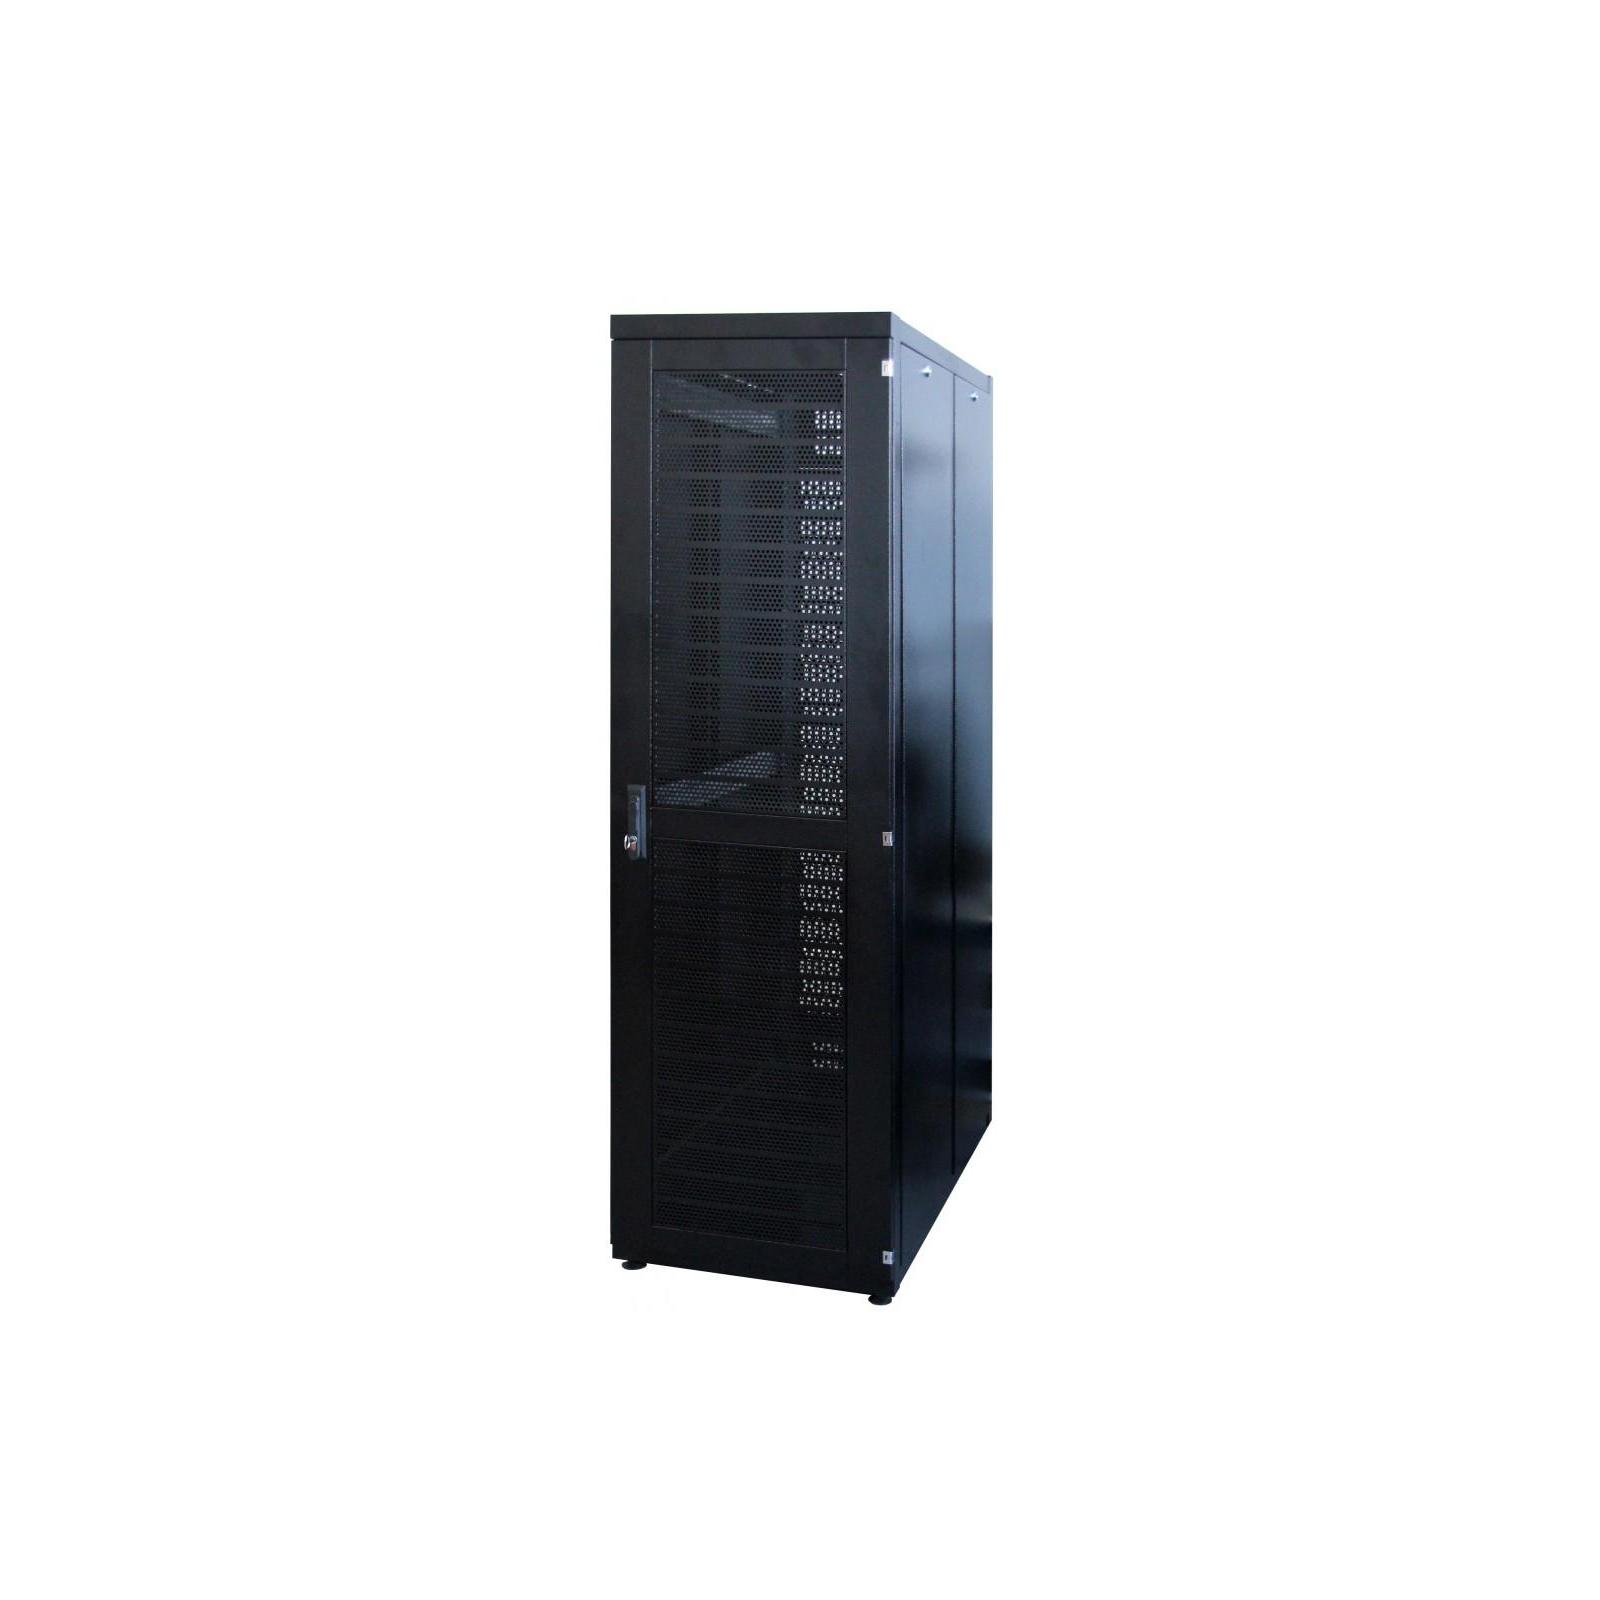 Шкаф напольный CSV 42U Rackmount 600x800 Glass изображение 10